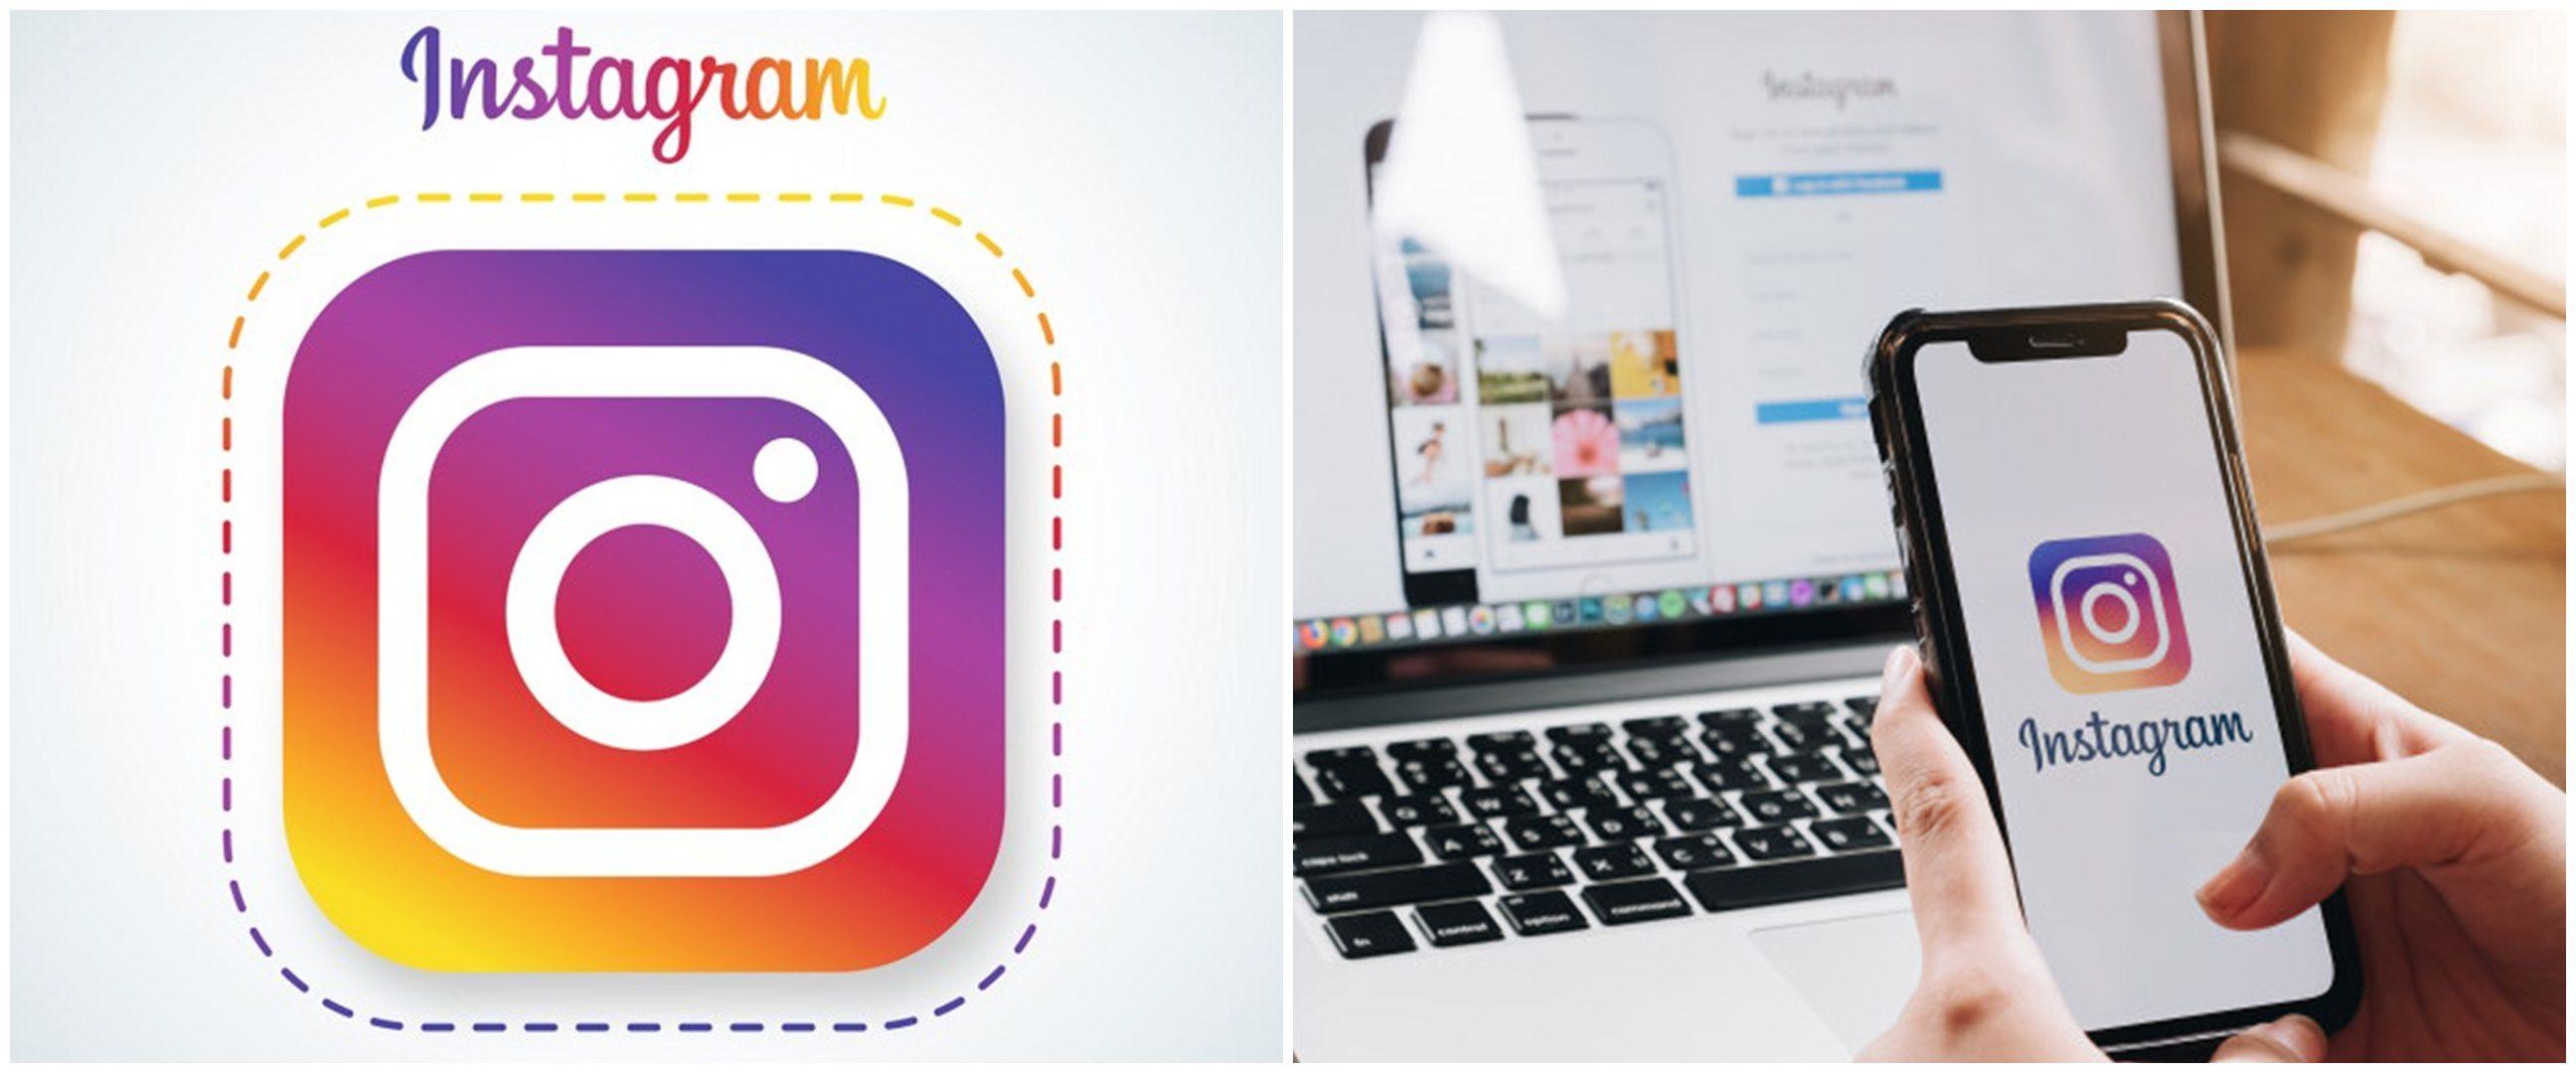 5 Cara melihat Instagram Story tanpa diketahui pemiliknya